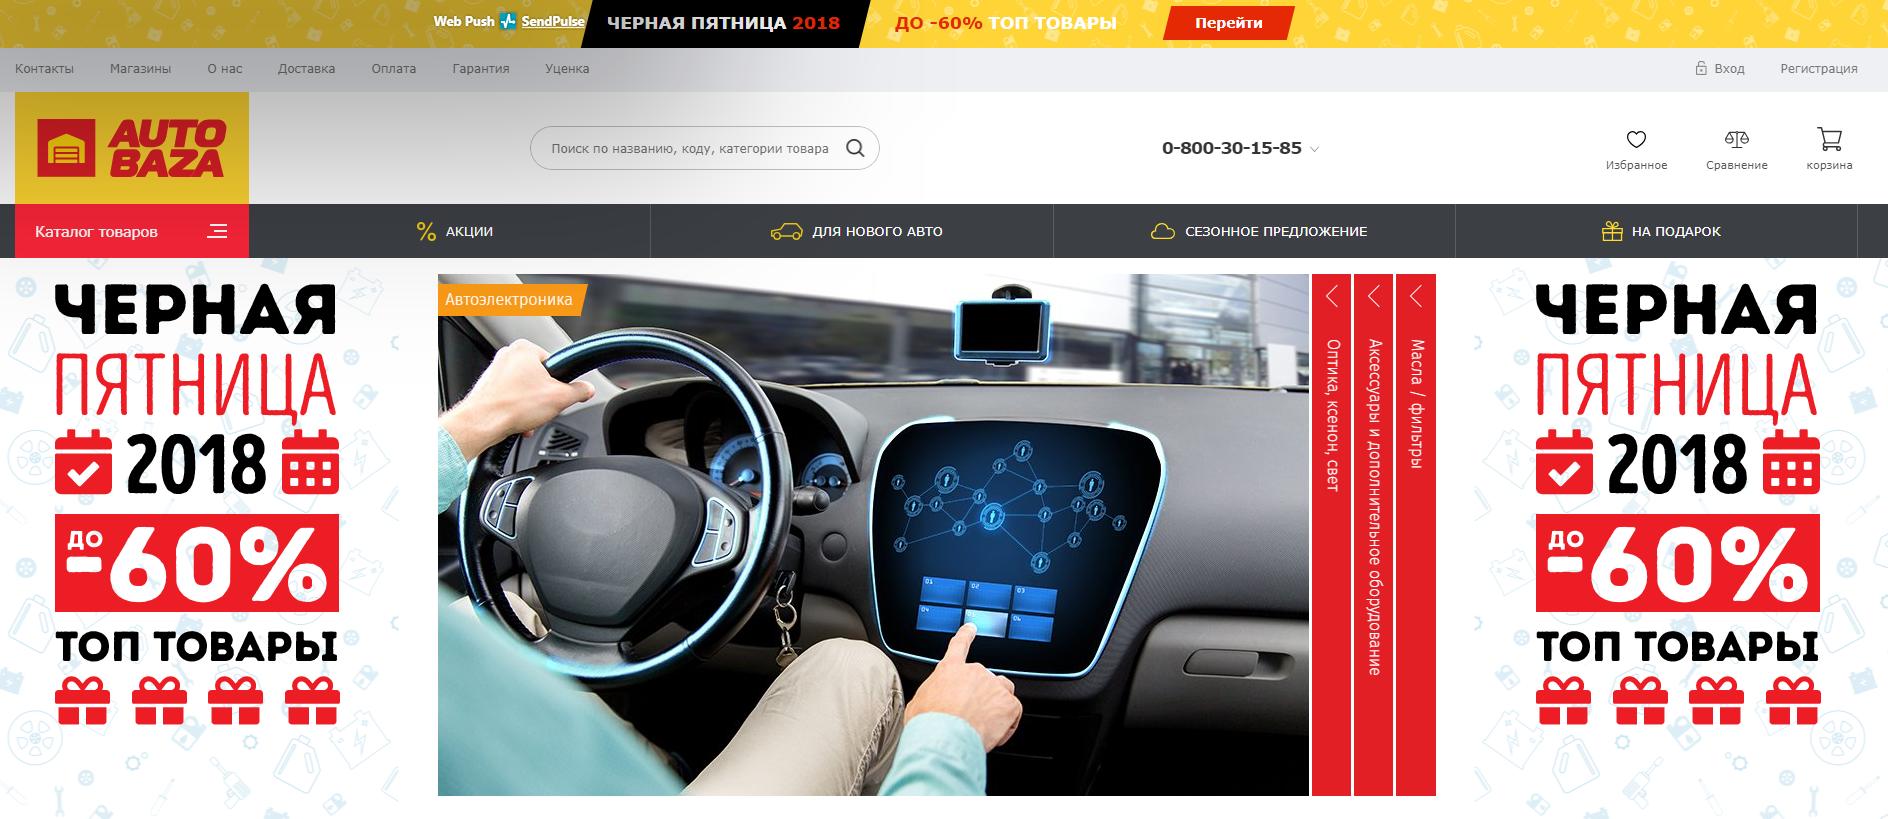 Кейс по контекстной рекламе Netpeak и Autobaza